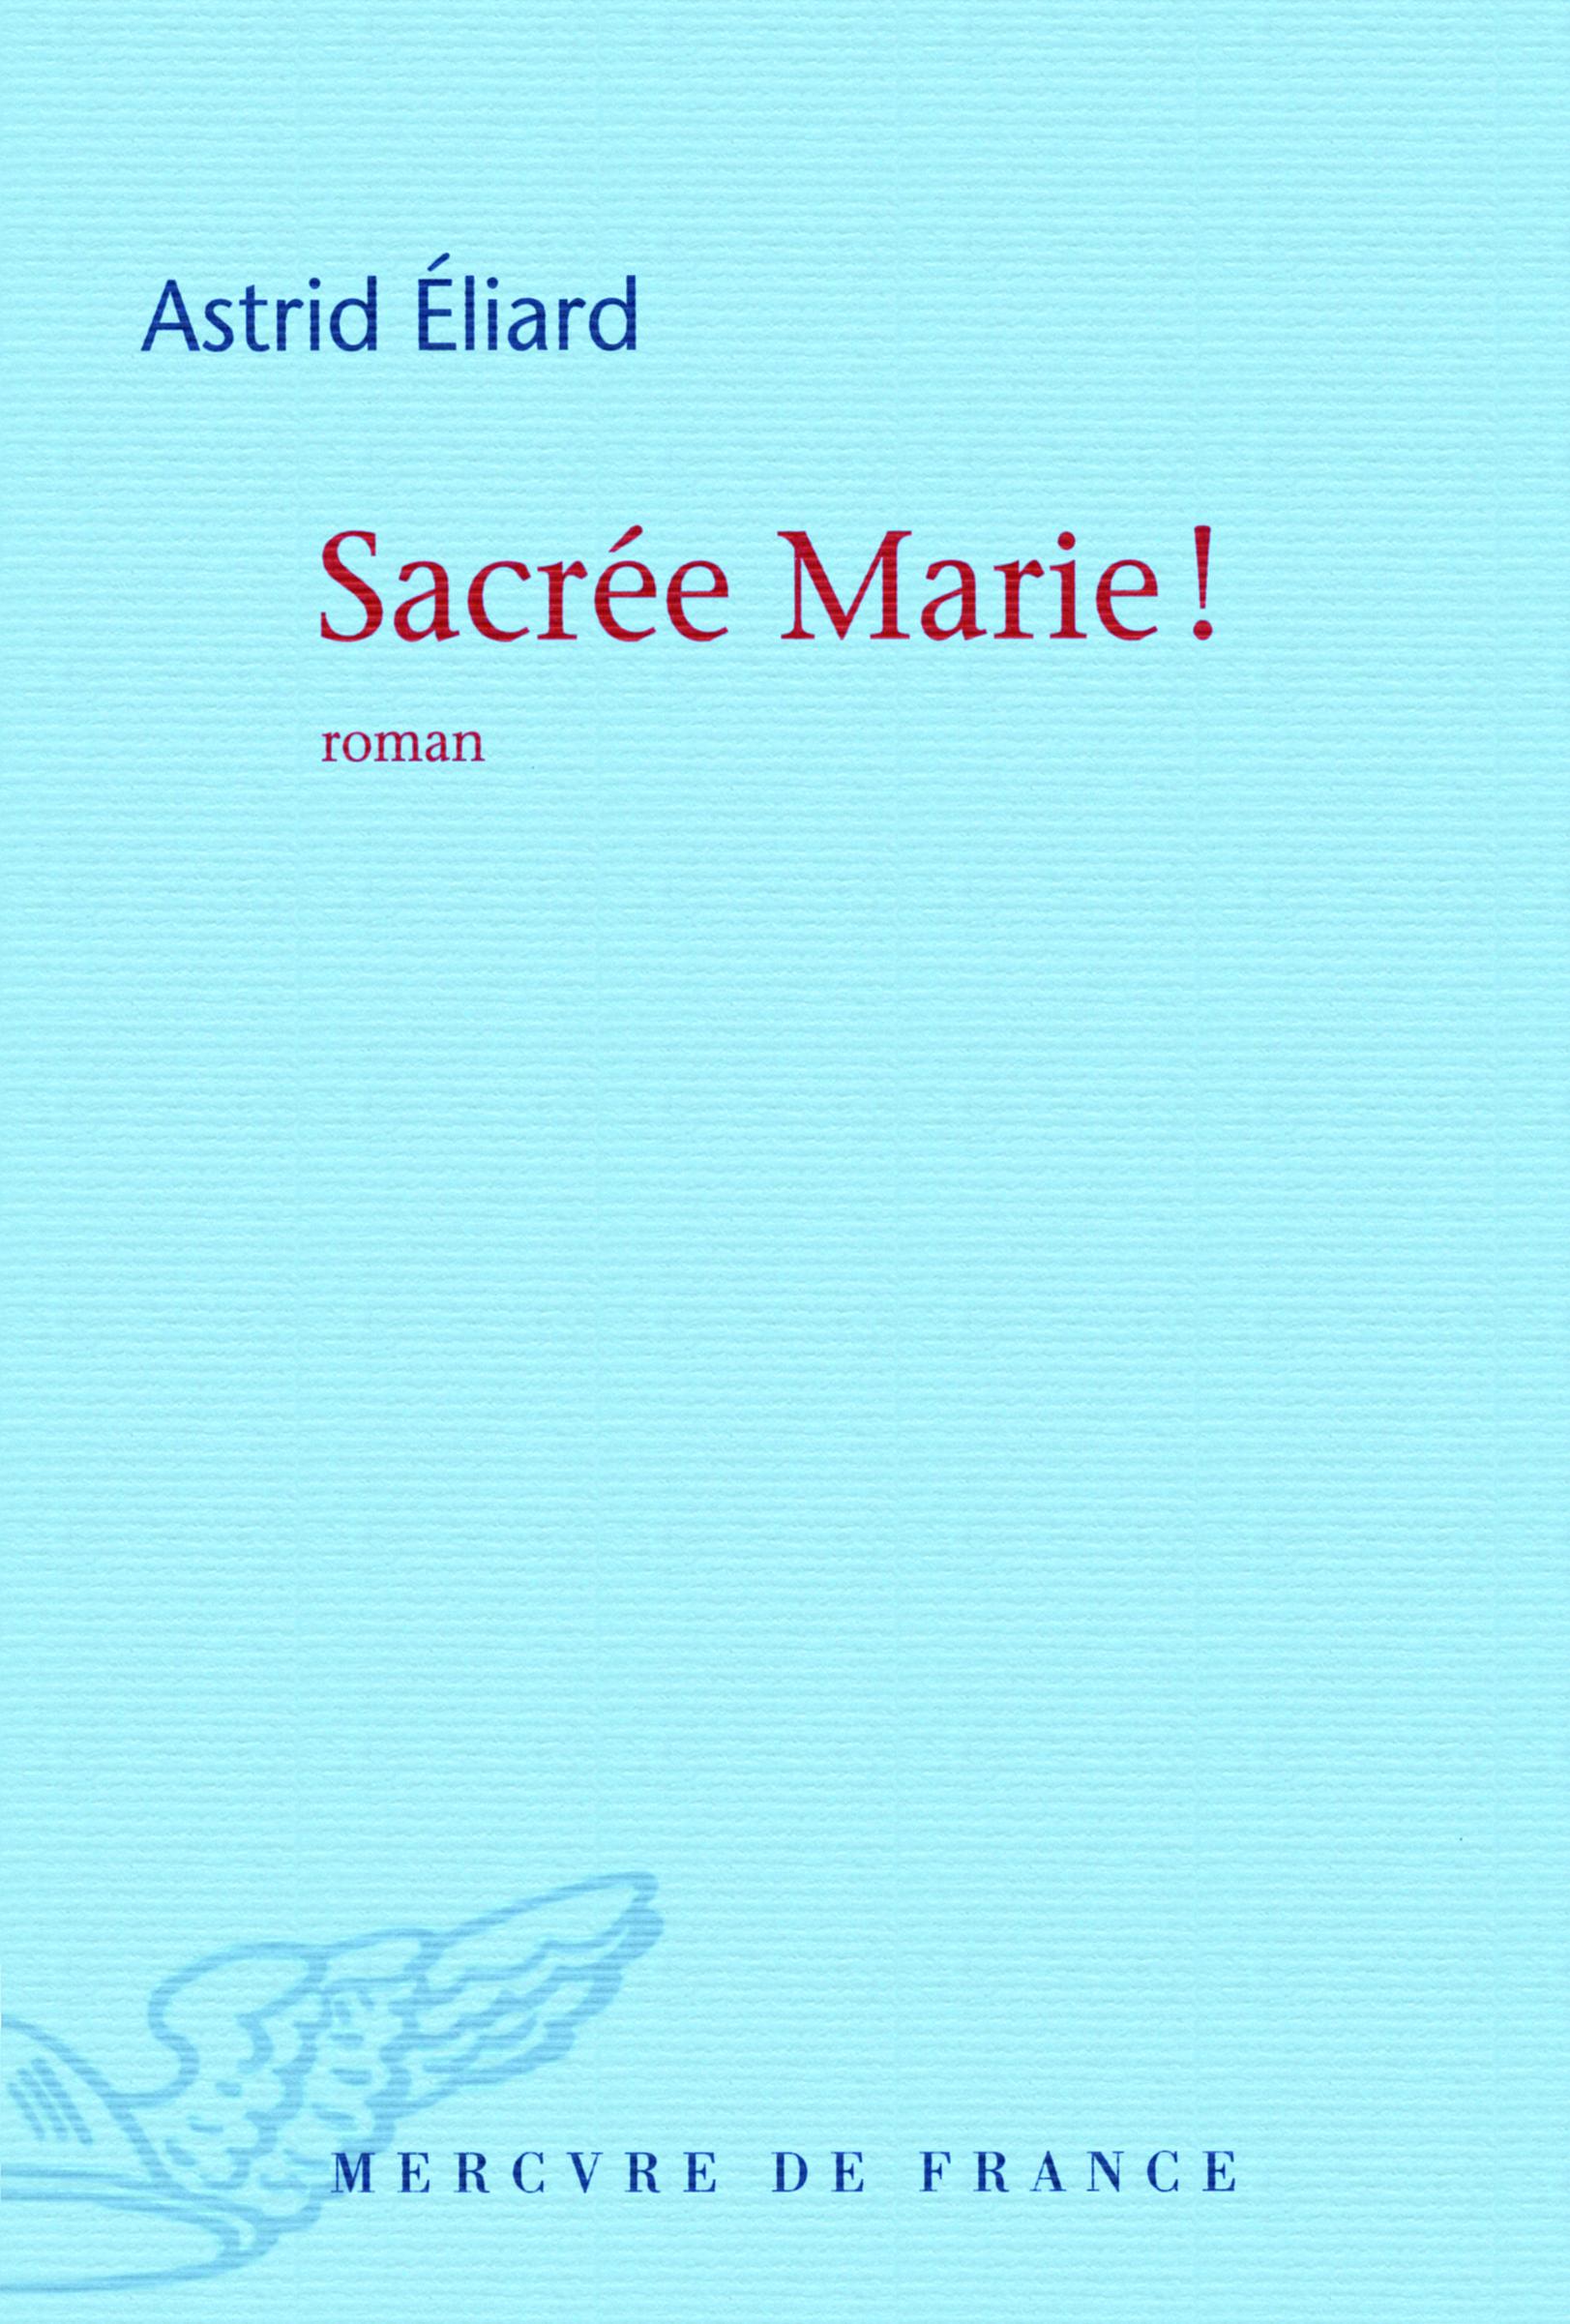 SACREE MARIE ! ROMAN